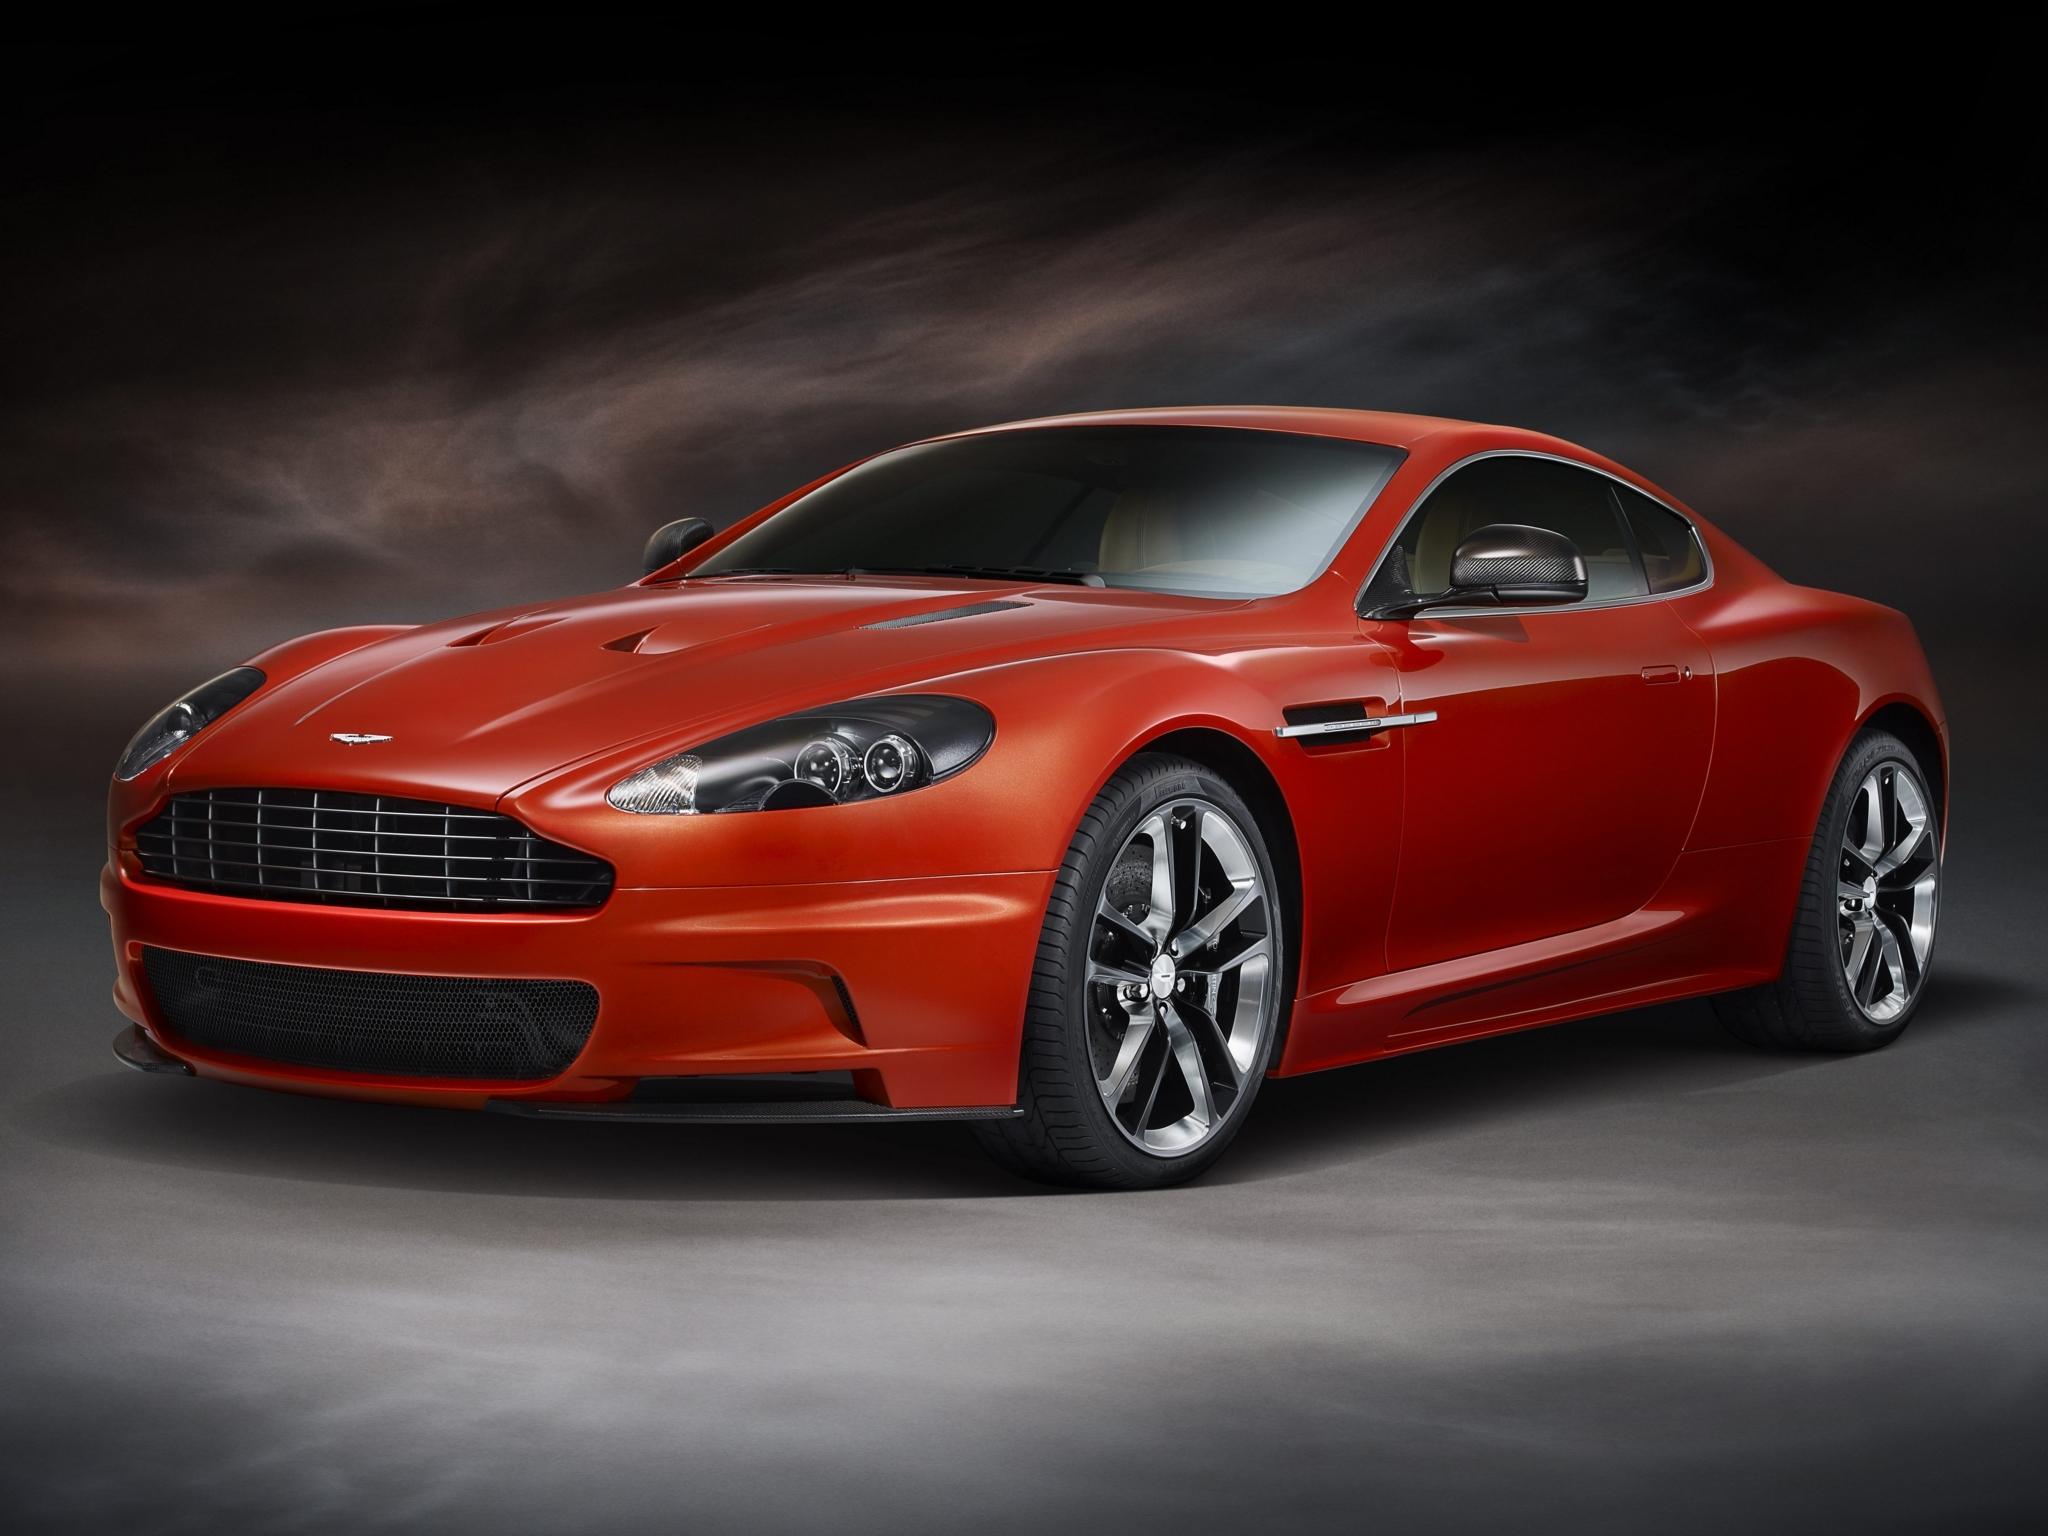 92951 скачать обои Тачки (Cars), Aston Martin Dbs, 2011, Красный, Вид Сбоку, Спорт, Астон Мартин (Aston Martin), Машины - заставки и картинки бесплатно